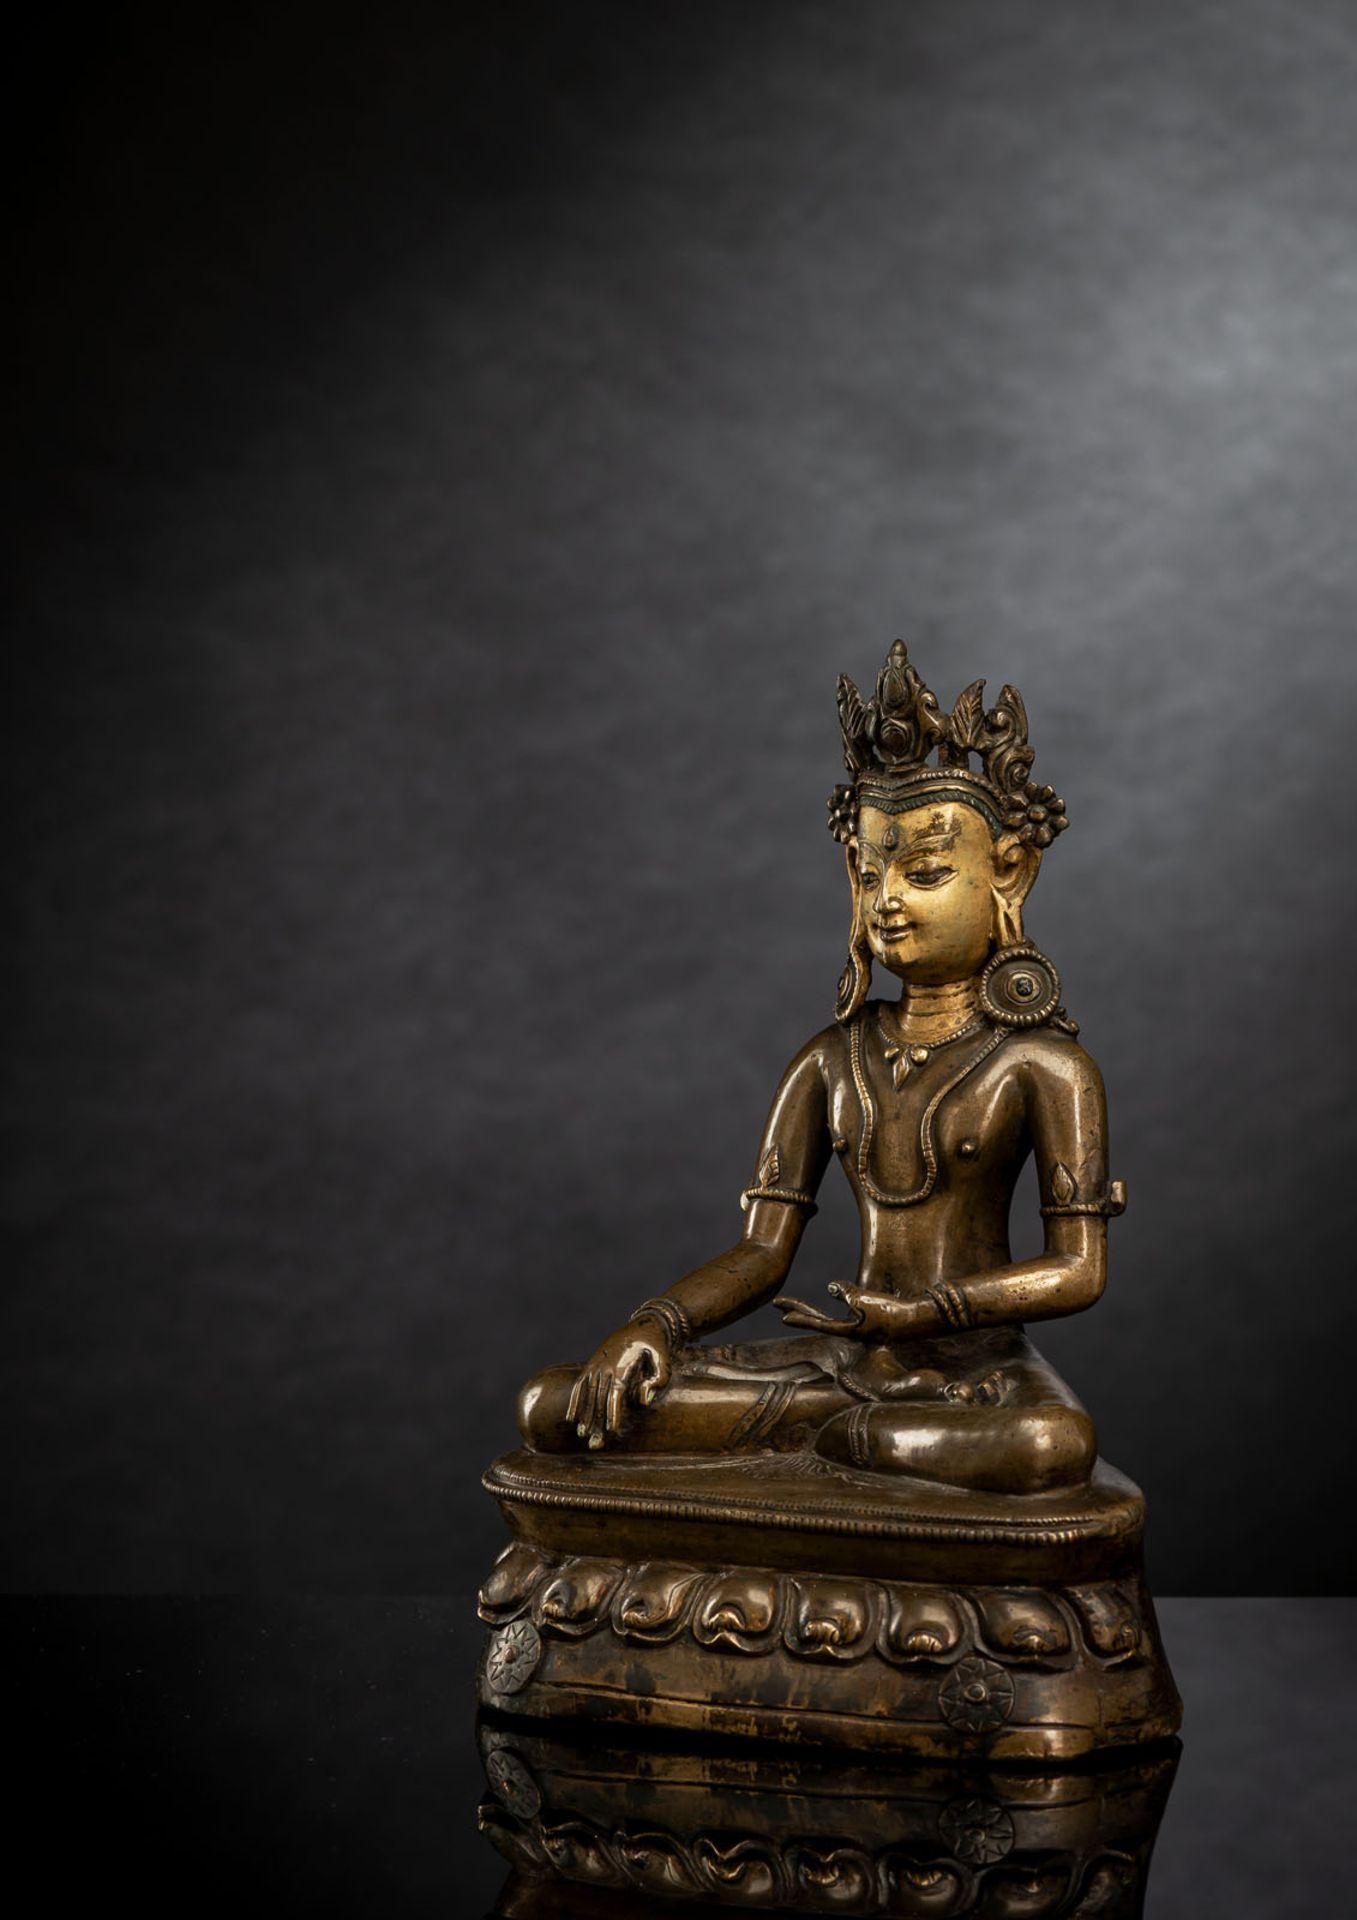 A FINE BRONZE FIGURE OF BUDDHA SHAKYAMUNI - Image 2 of 3